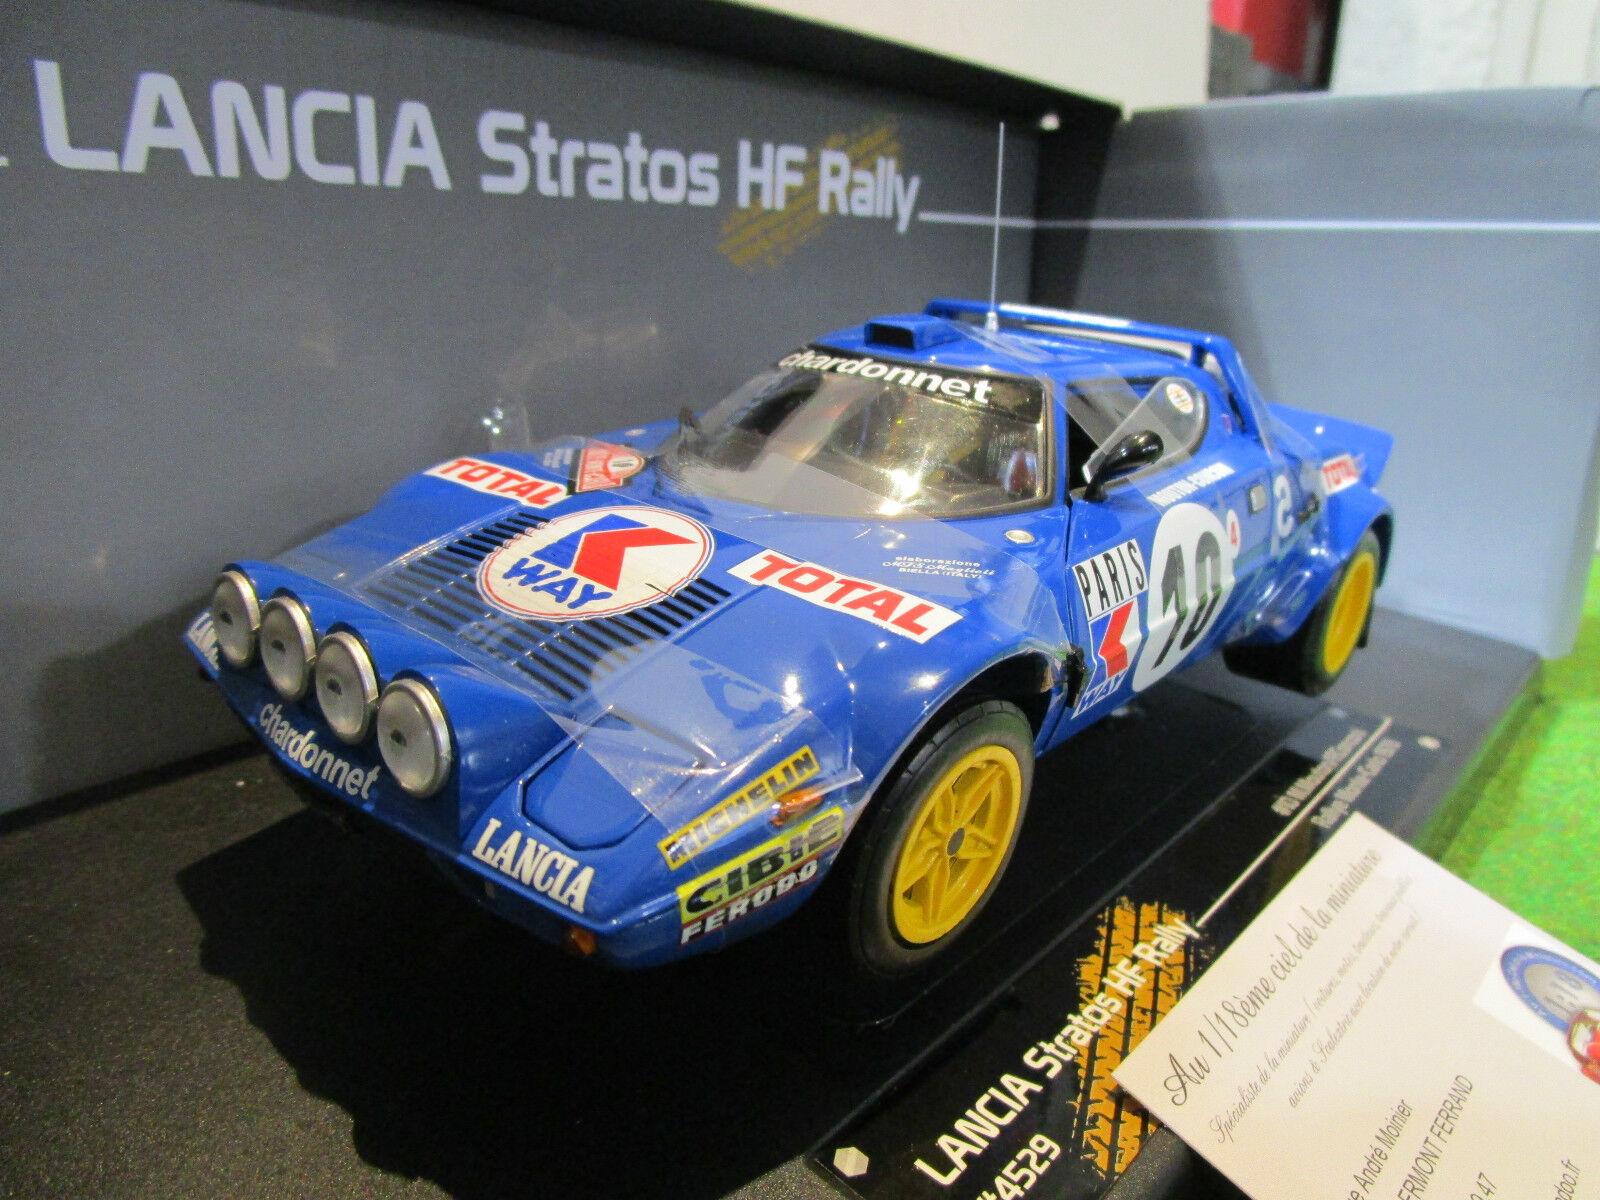 LANCIA STRATOS HF  10 Rallye MONTE CARLO de 1978 au 1 18 SUN STAR 4529 voiture